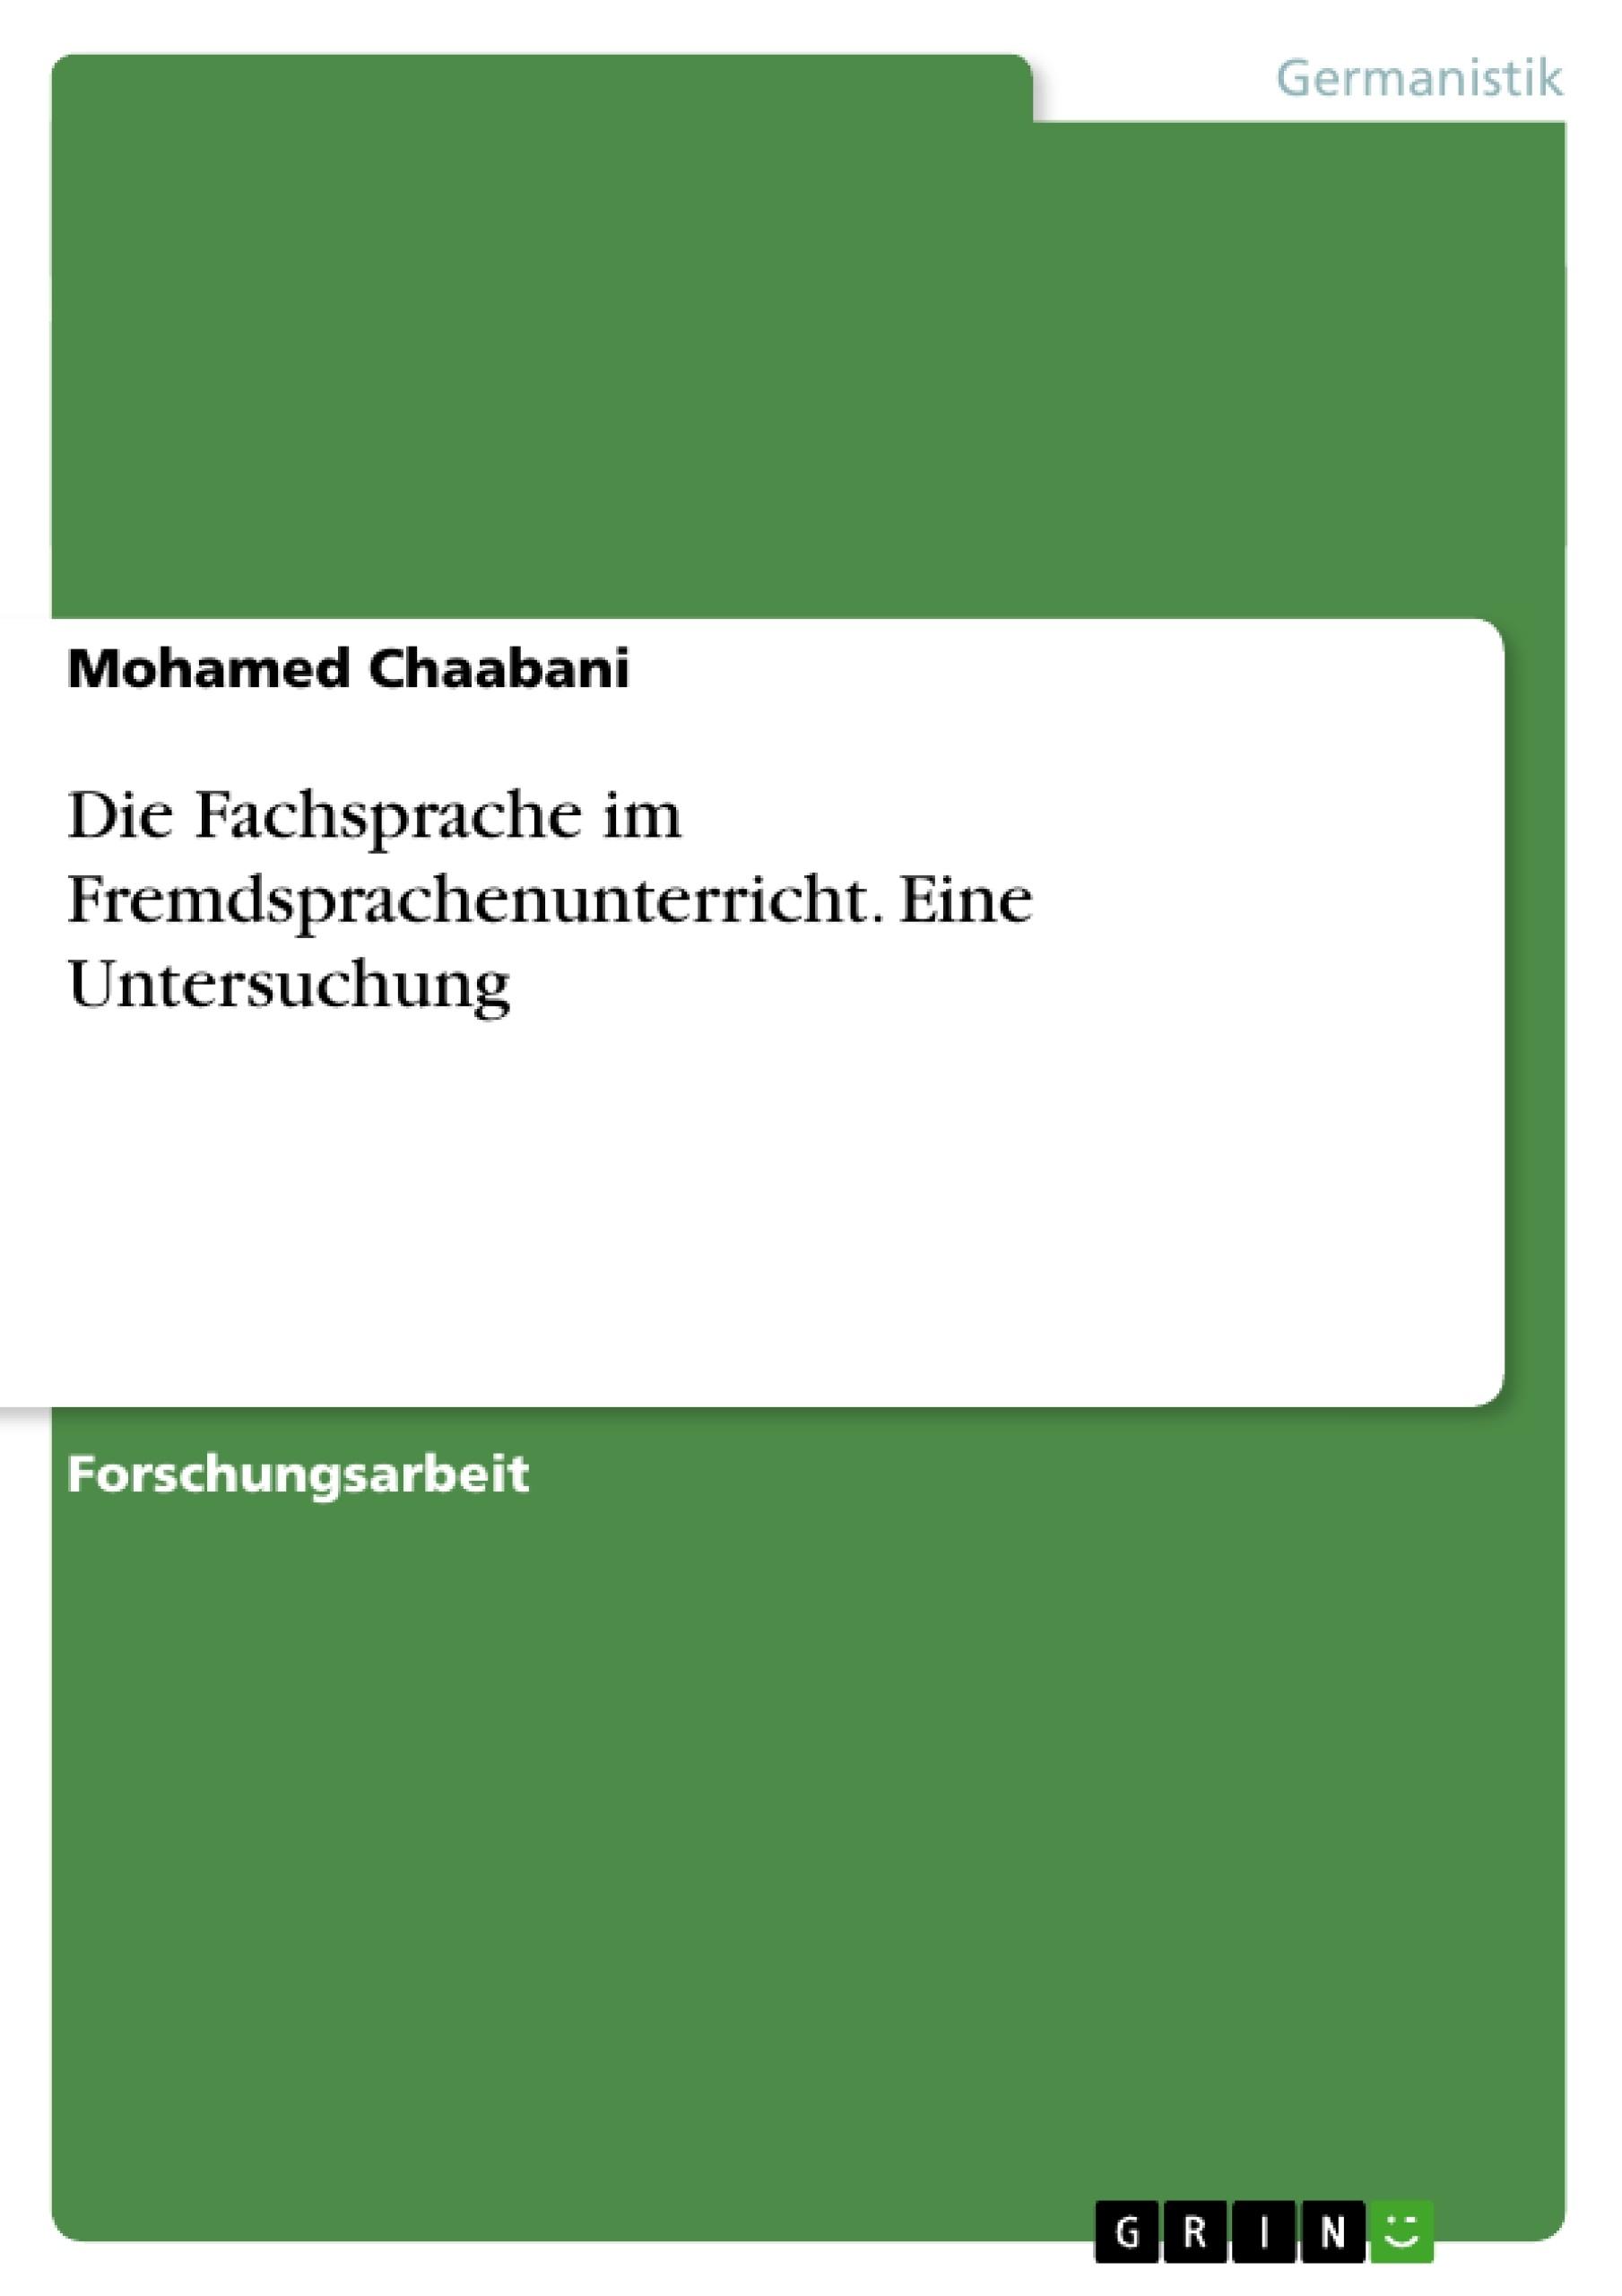 Titel: Die Fachsprache im Fremdsprachenunterricht. Eine Untersuchung